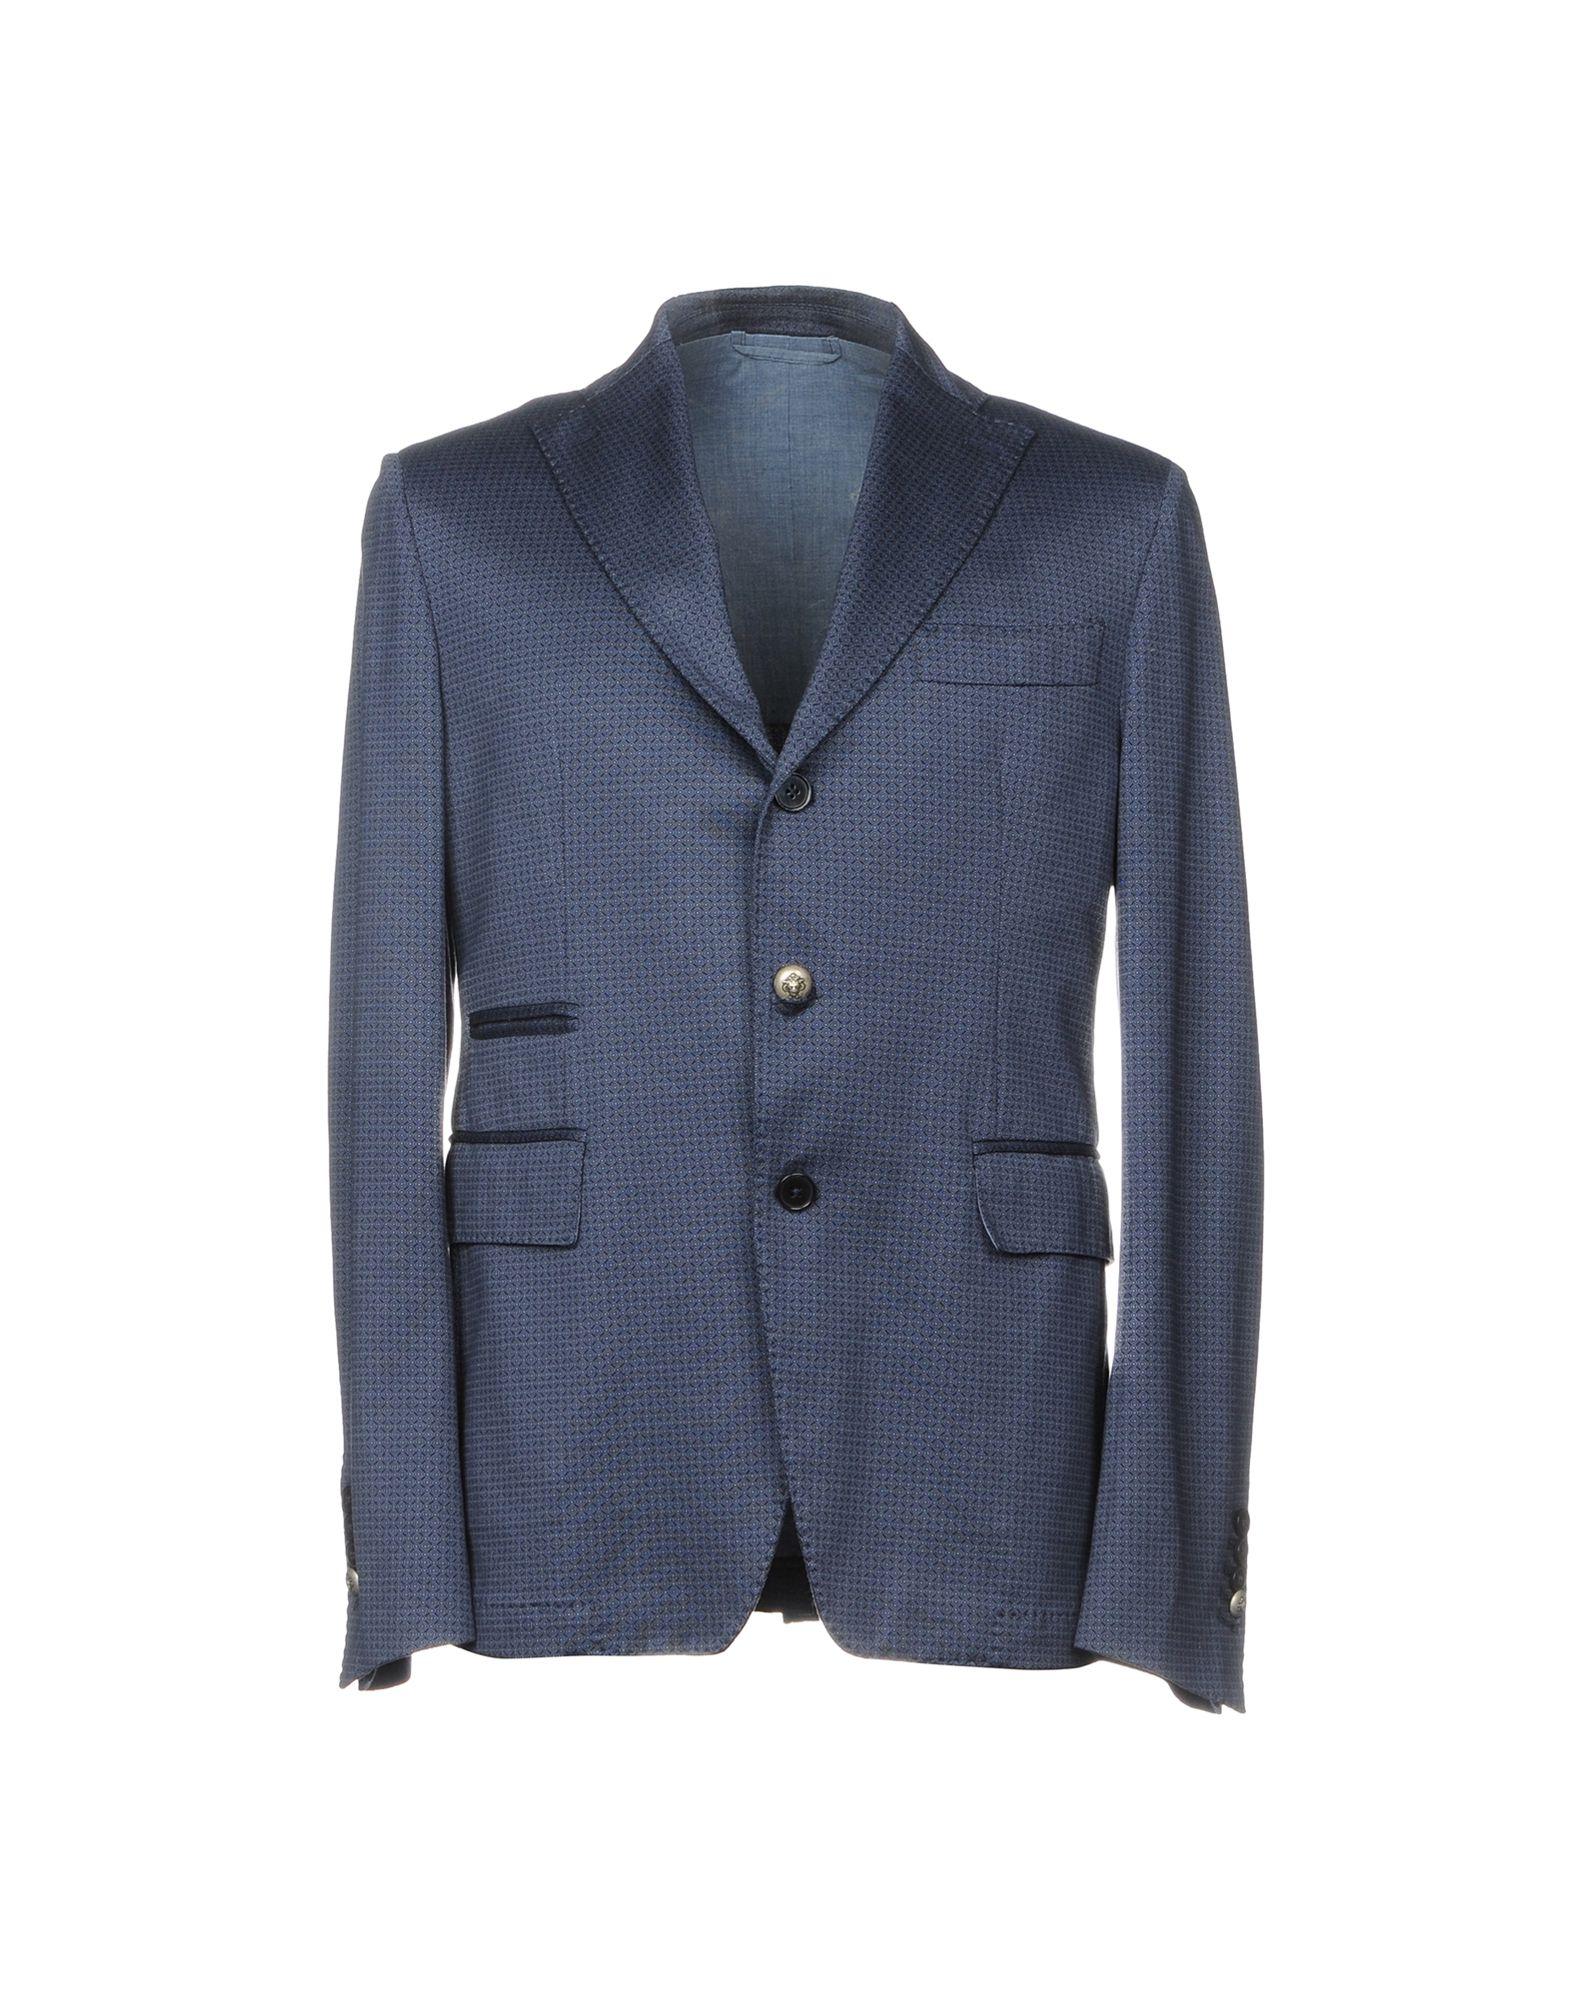 《送料無料》JOHN SHEEP メンズ テーラードジャケット ブルー 52 100% コットン